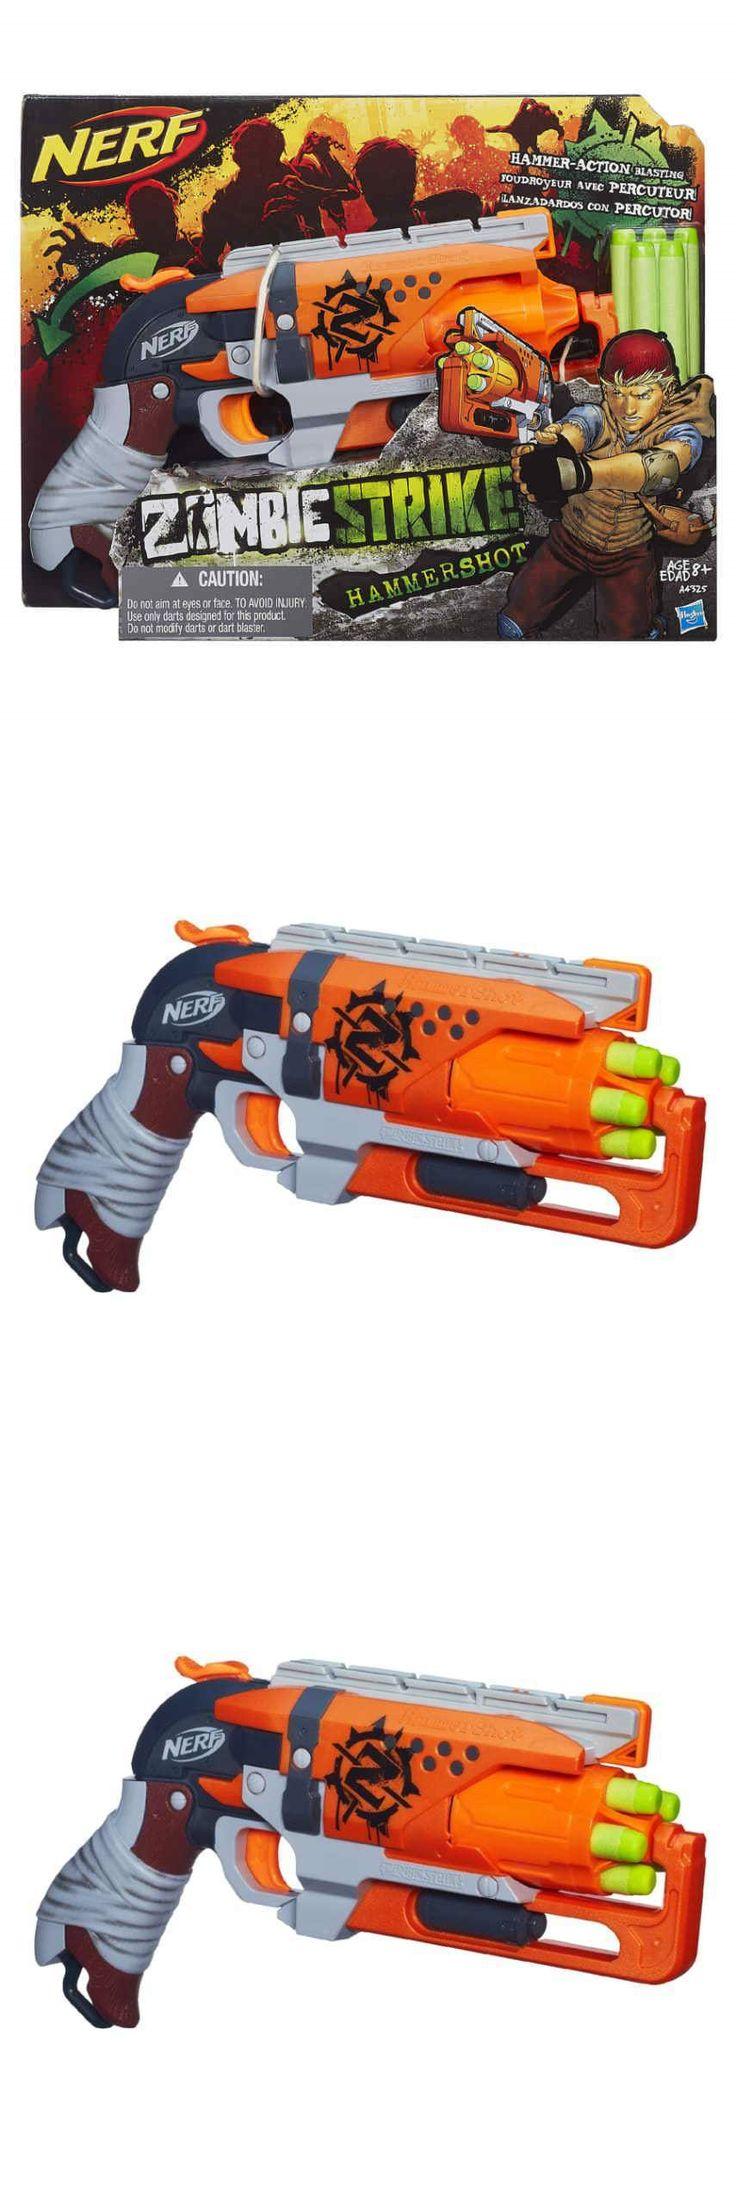 Dart Guns and Soft Darts 158749: New Nerf Zombie Strike Hammershot Blaster  **Christmas